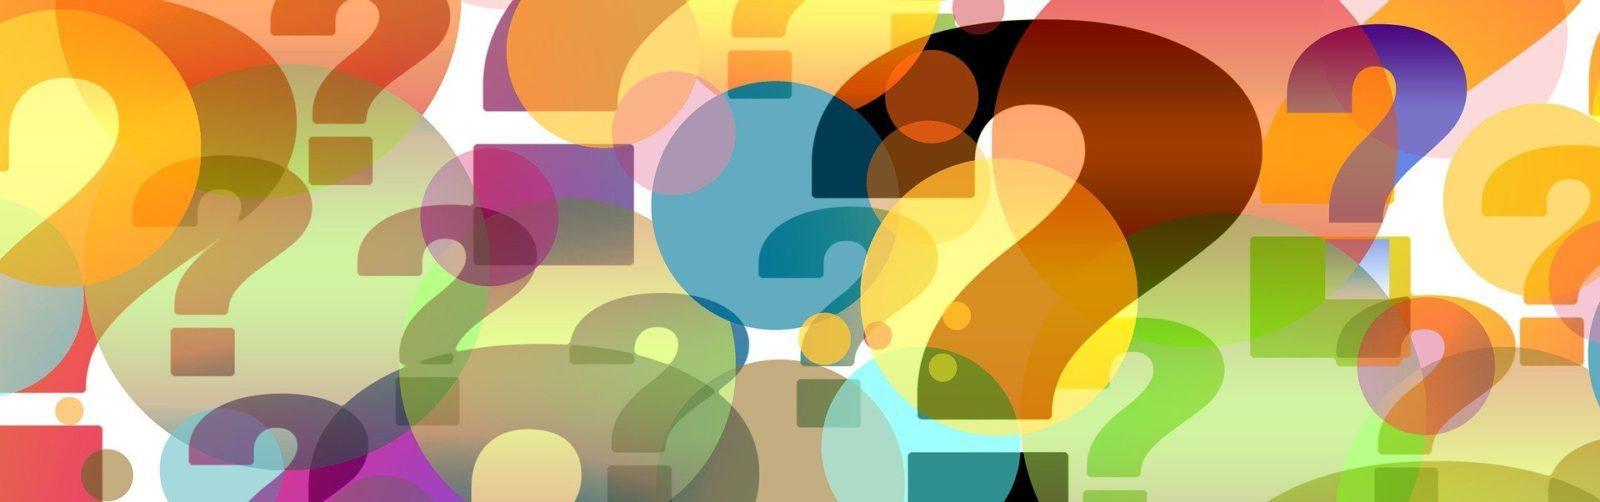 Fragen Gerd Altmann auf Pixabay (2)